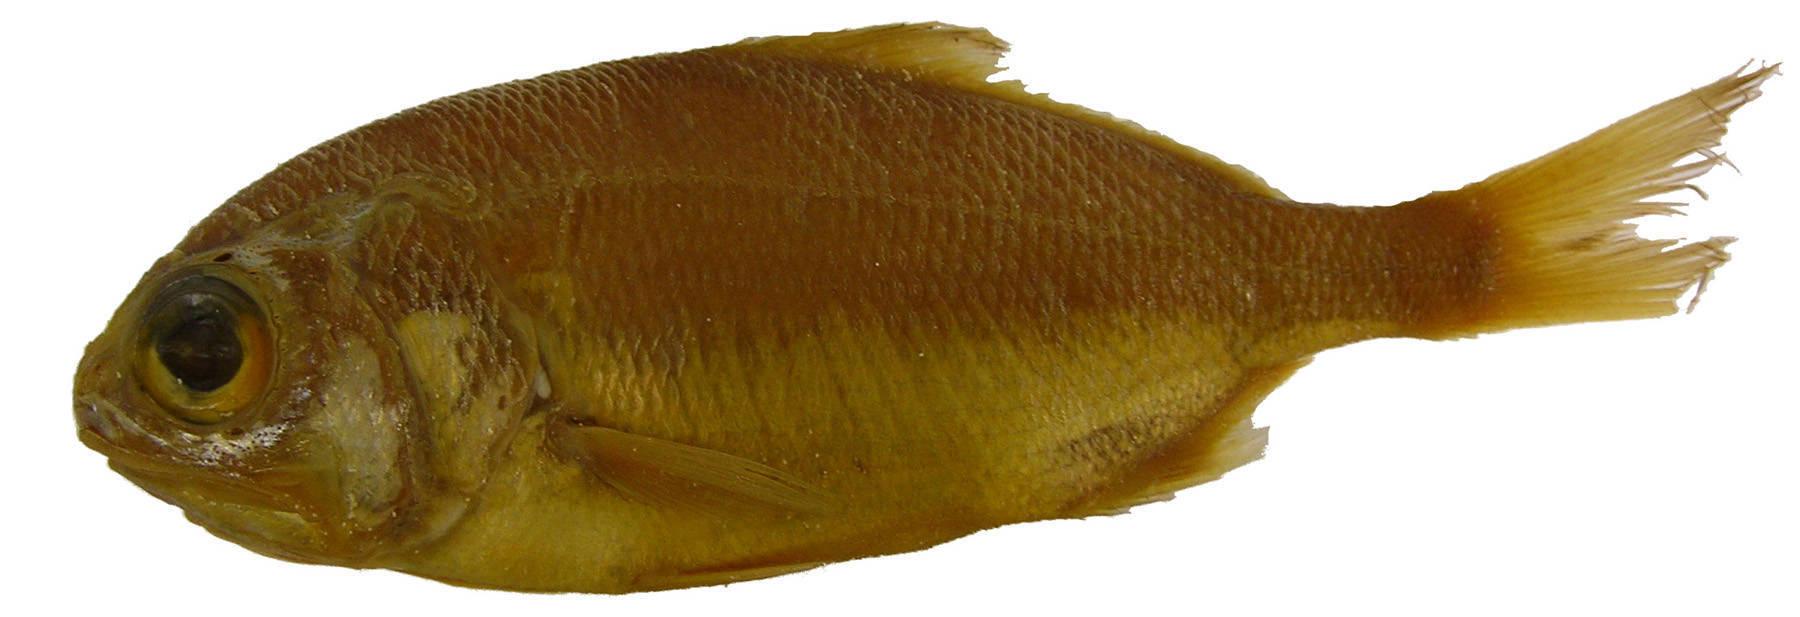 Image of Barbudo